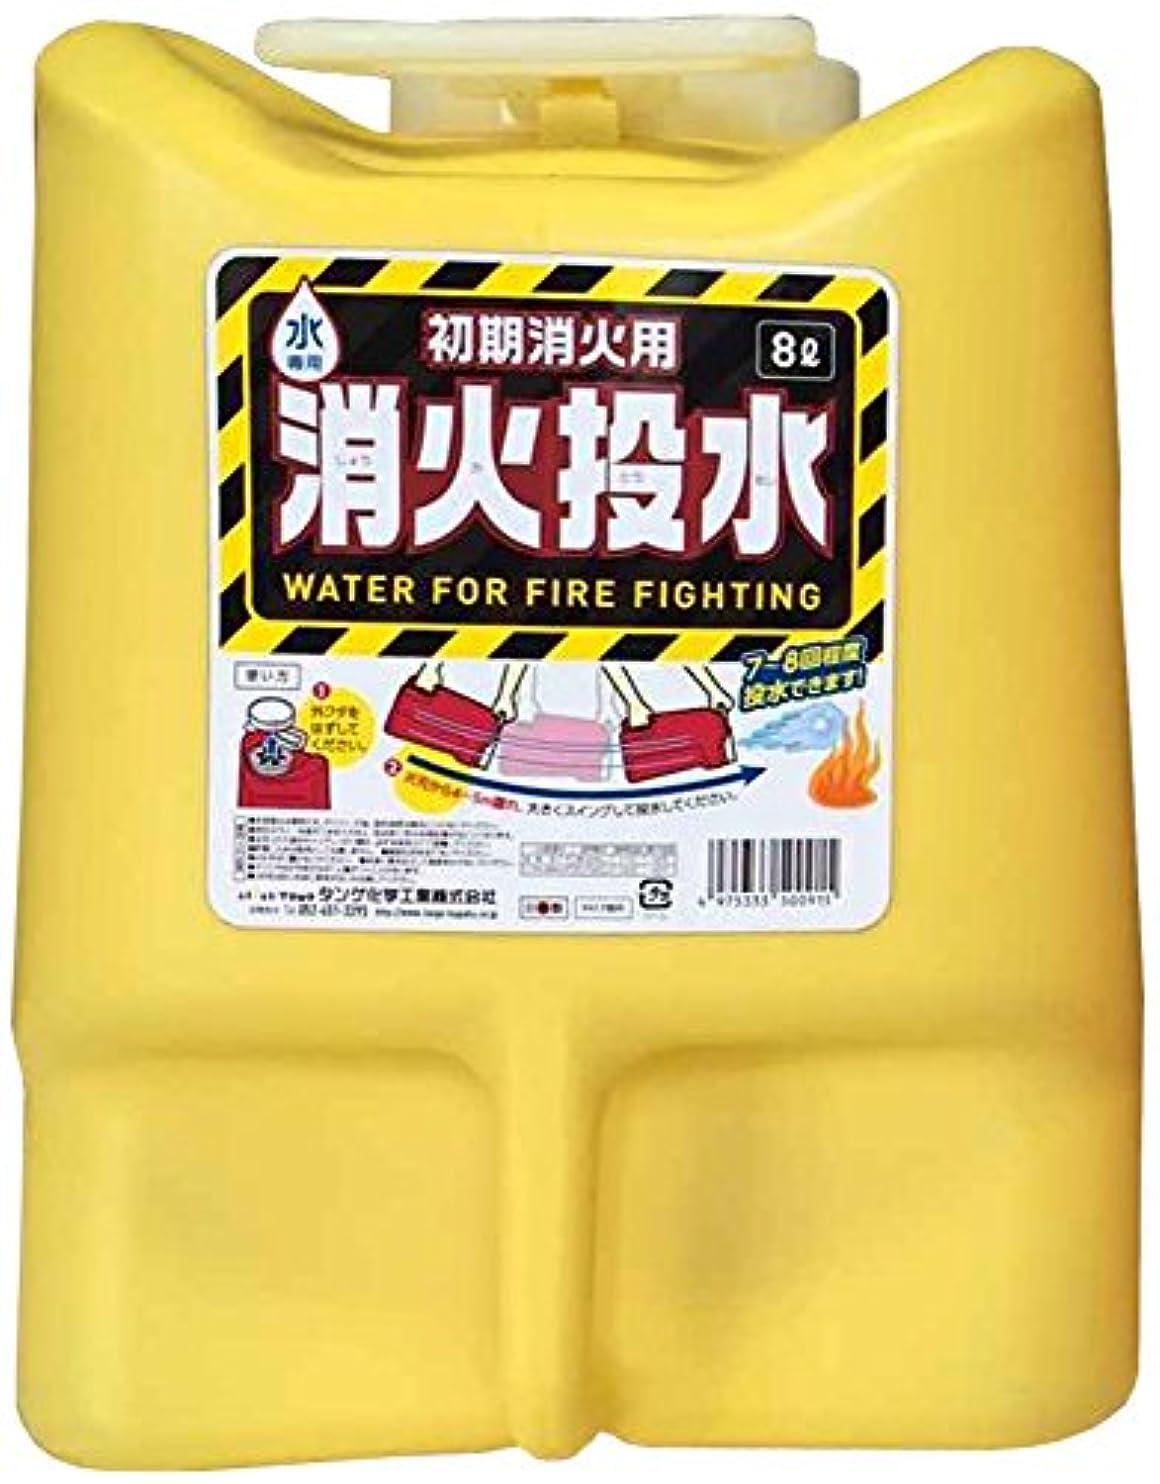 ワーディアンケース手順雇ったタンゲ化学工業 防災グッズ 消火投水 イエロー 8L